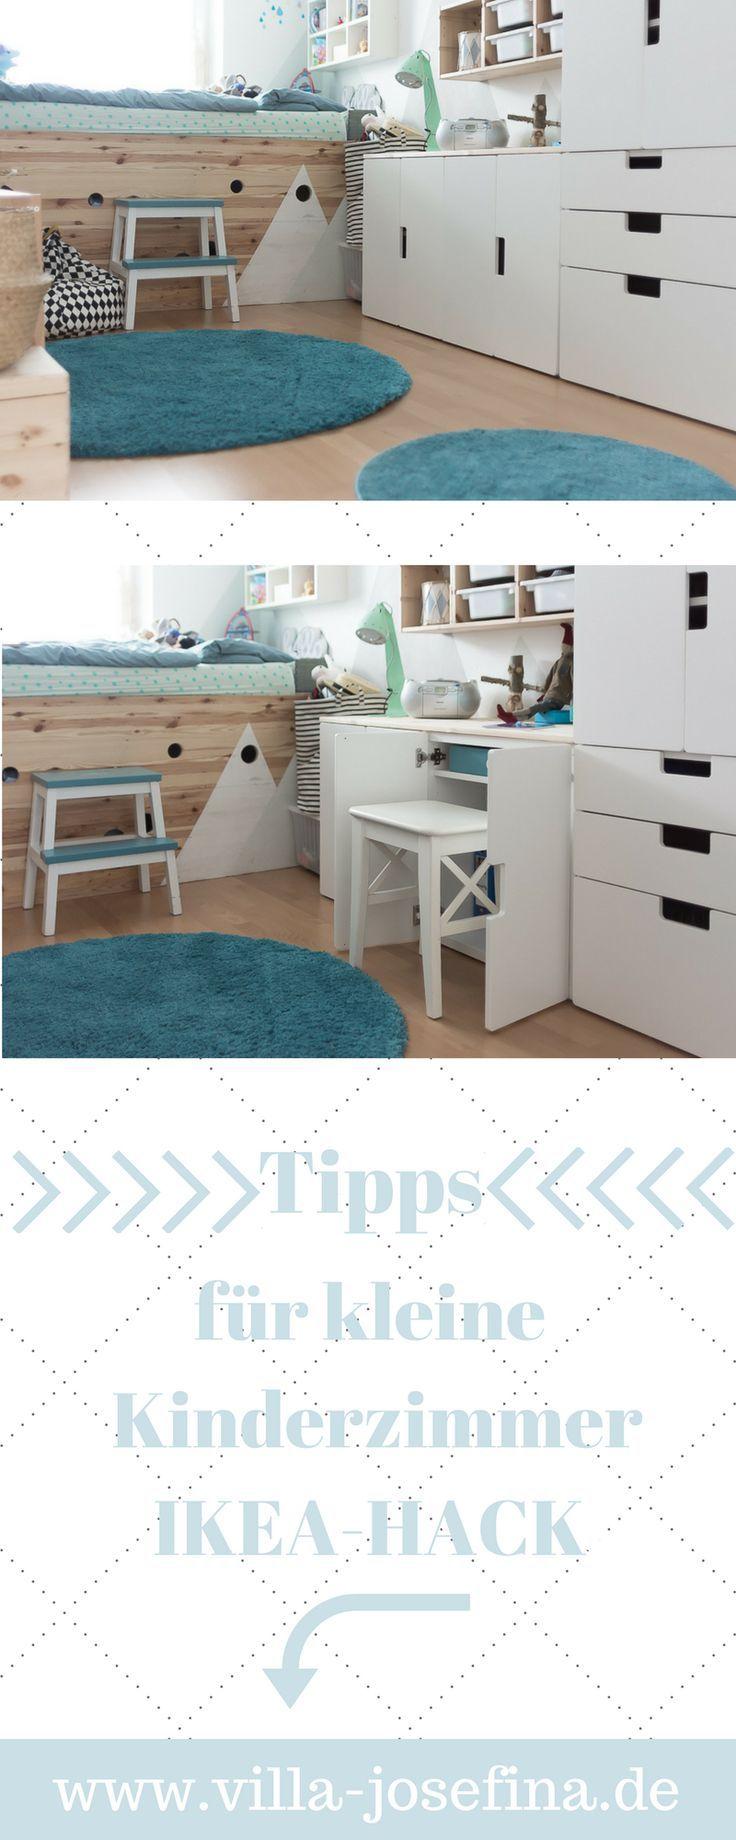 Ideen Fur Kleine Kinderzimmer Integrierter Schreibtisch Ikea Hack In Der Kinderzi I Kleines Kinderzimmer Kinder Zimmer Kleines Kinderzimmer Einrichten